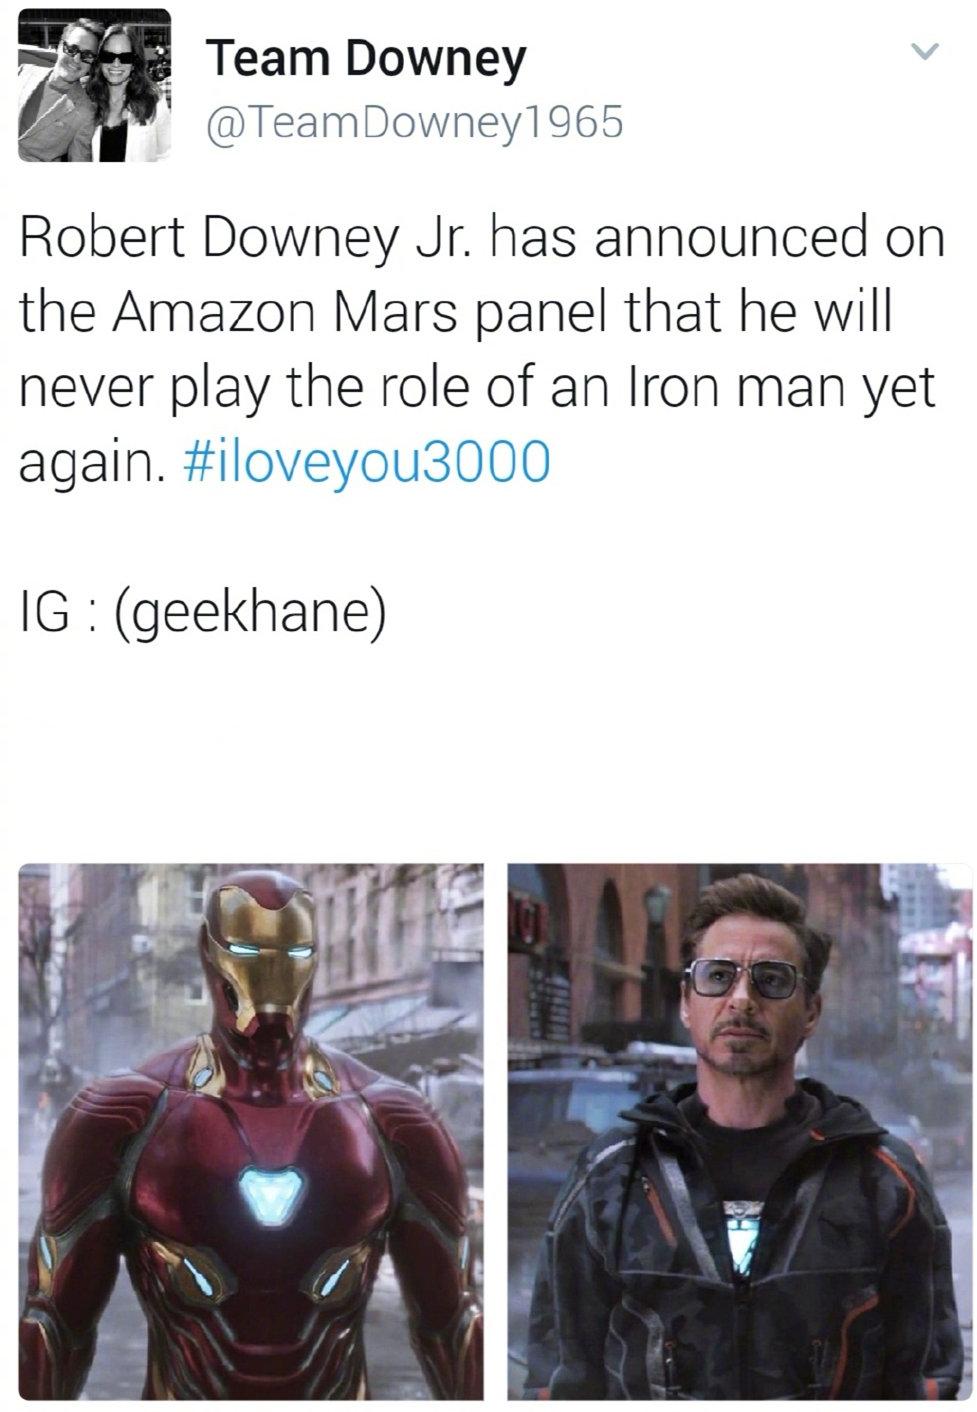 """小罗伯特·唐尼确认不再出演钢铁侠,""""爱你3000遍""""成最终告别"""